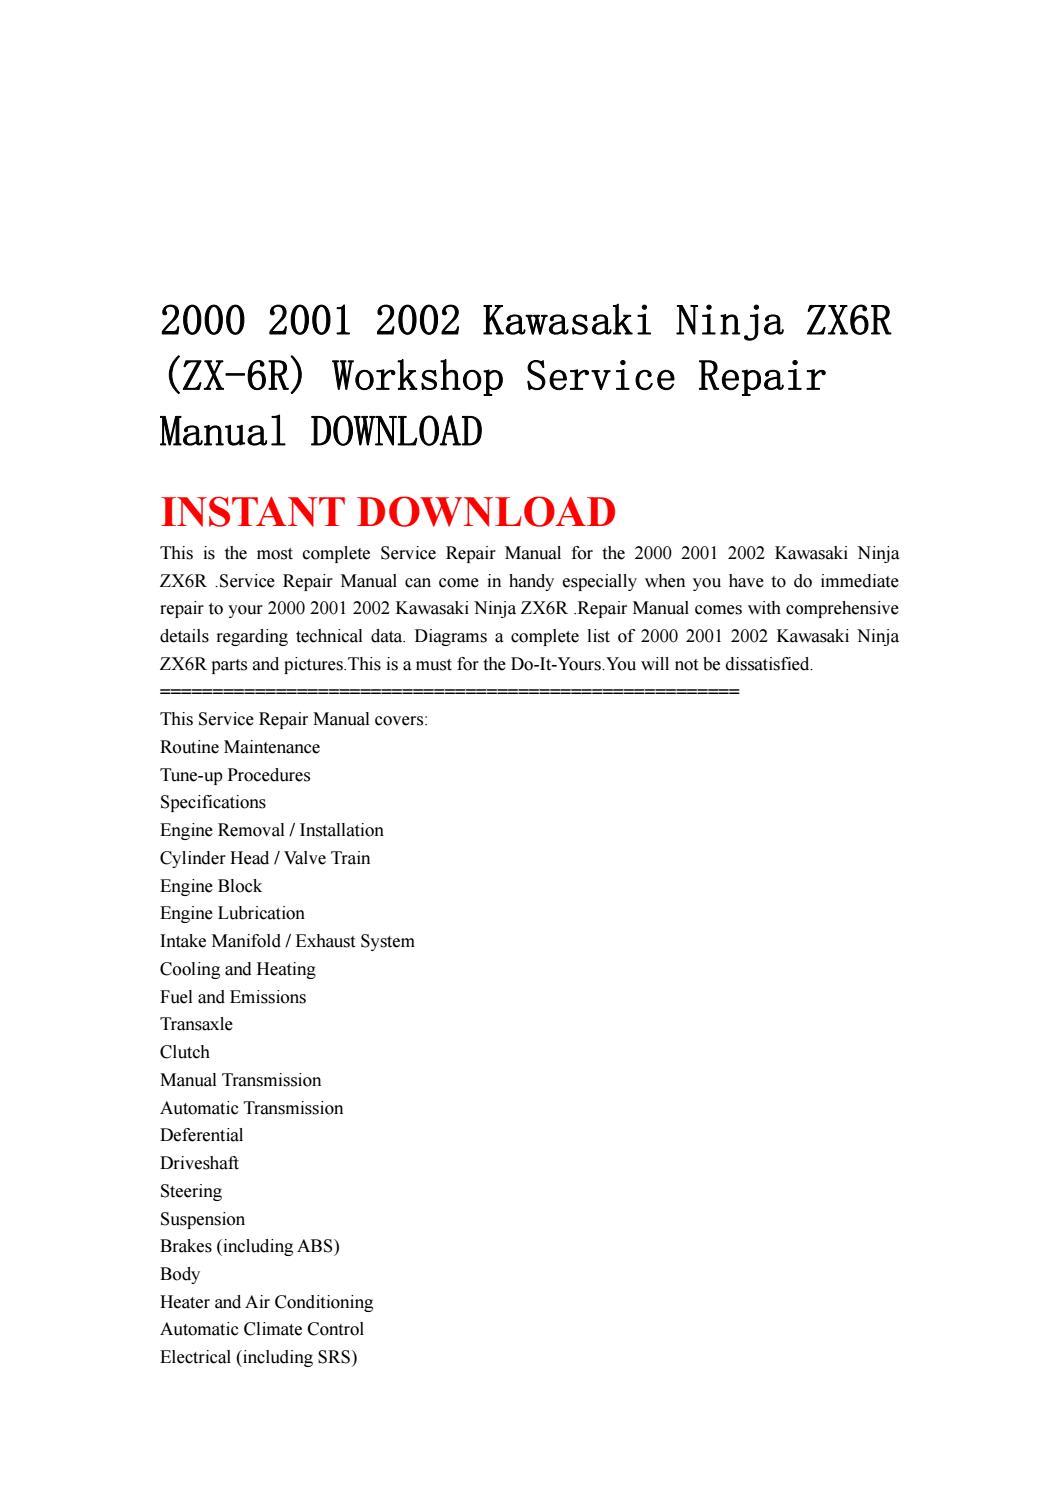 2000 2001 2002 kawasaki ninja zx6r (zx 6r) workshop service repair manual  download